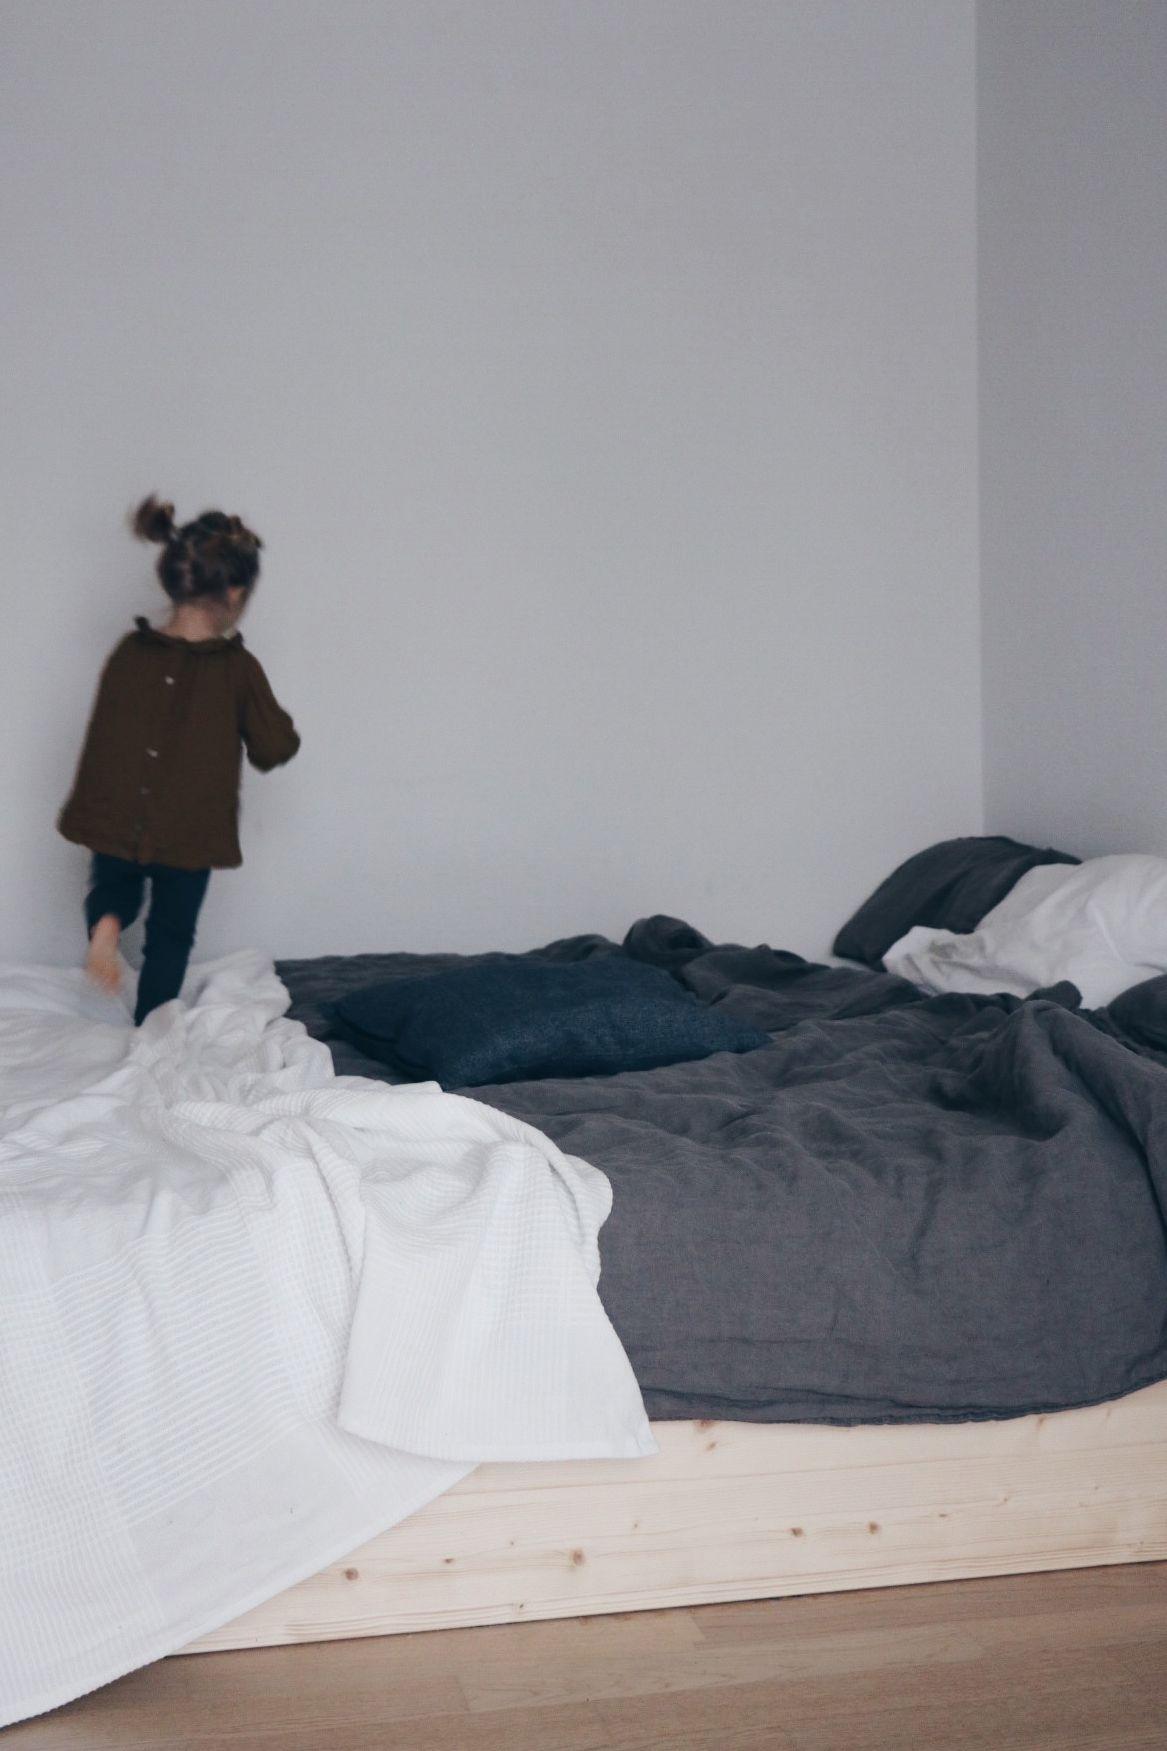 Diy Familienbett Mit Eve Matratze Einfach Selber Gebaut Familien Bett Familienbett Bett